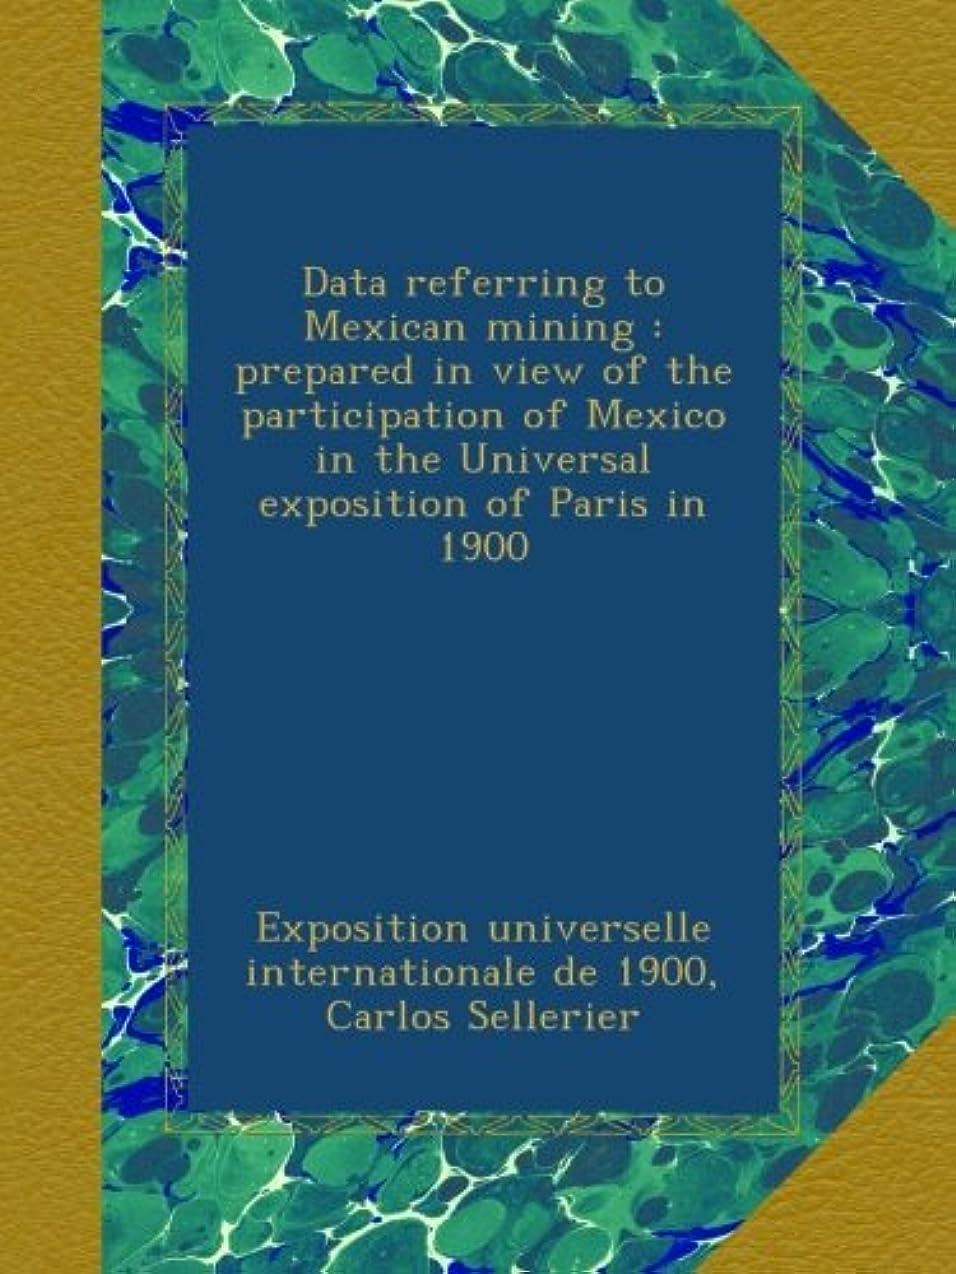 ミシン応用滝Data referring to Mexican mining : prepared in view of the participation of Mexico in the Universal exposition of Paris in 1900